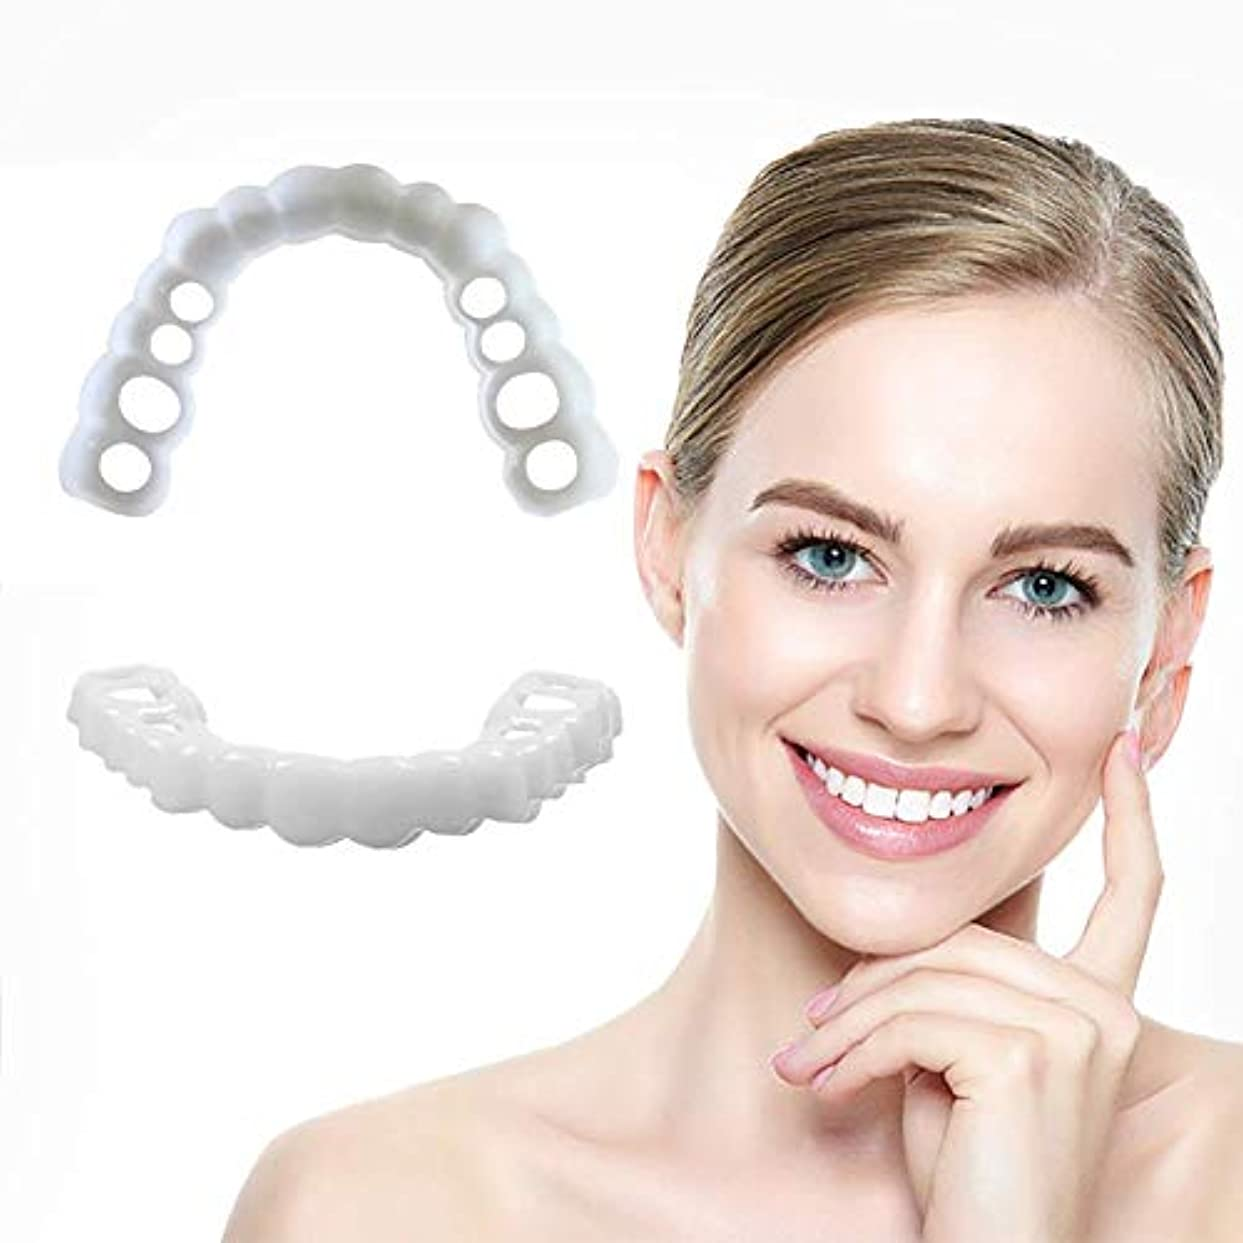 エレベーター無礼に普通にセットの第二世代のシリコーンのシミュレーションの歯科用義歯を白くする上下の歯の模擬装具,1pcs,Upperteeth